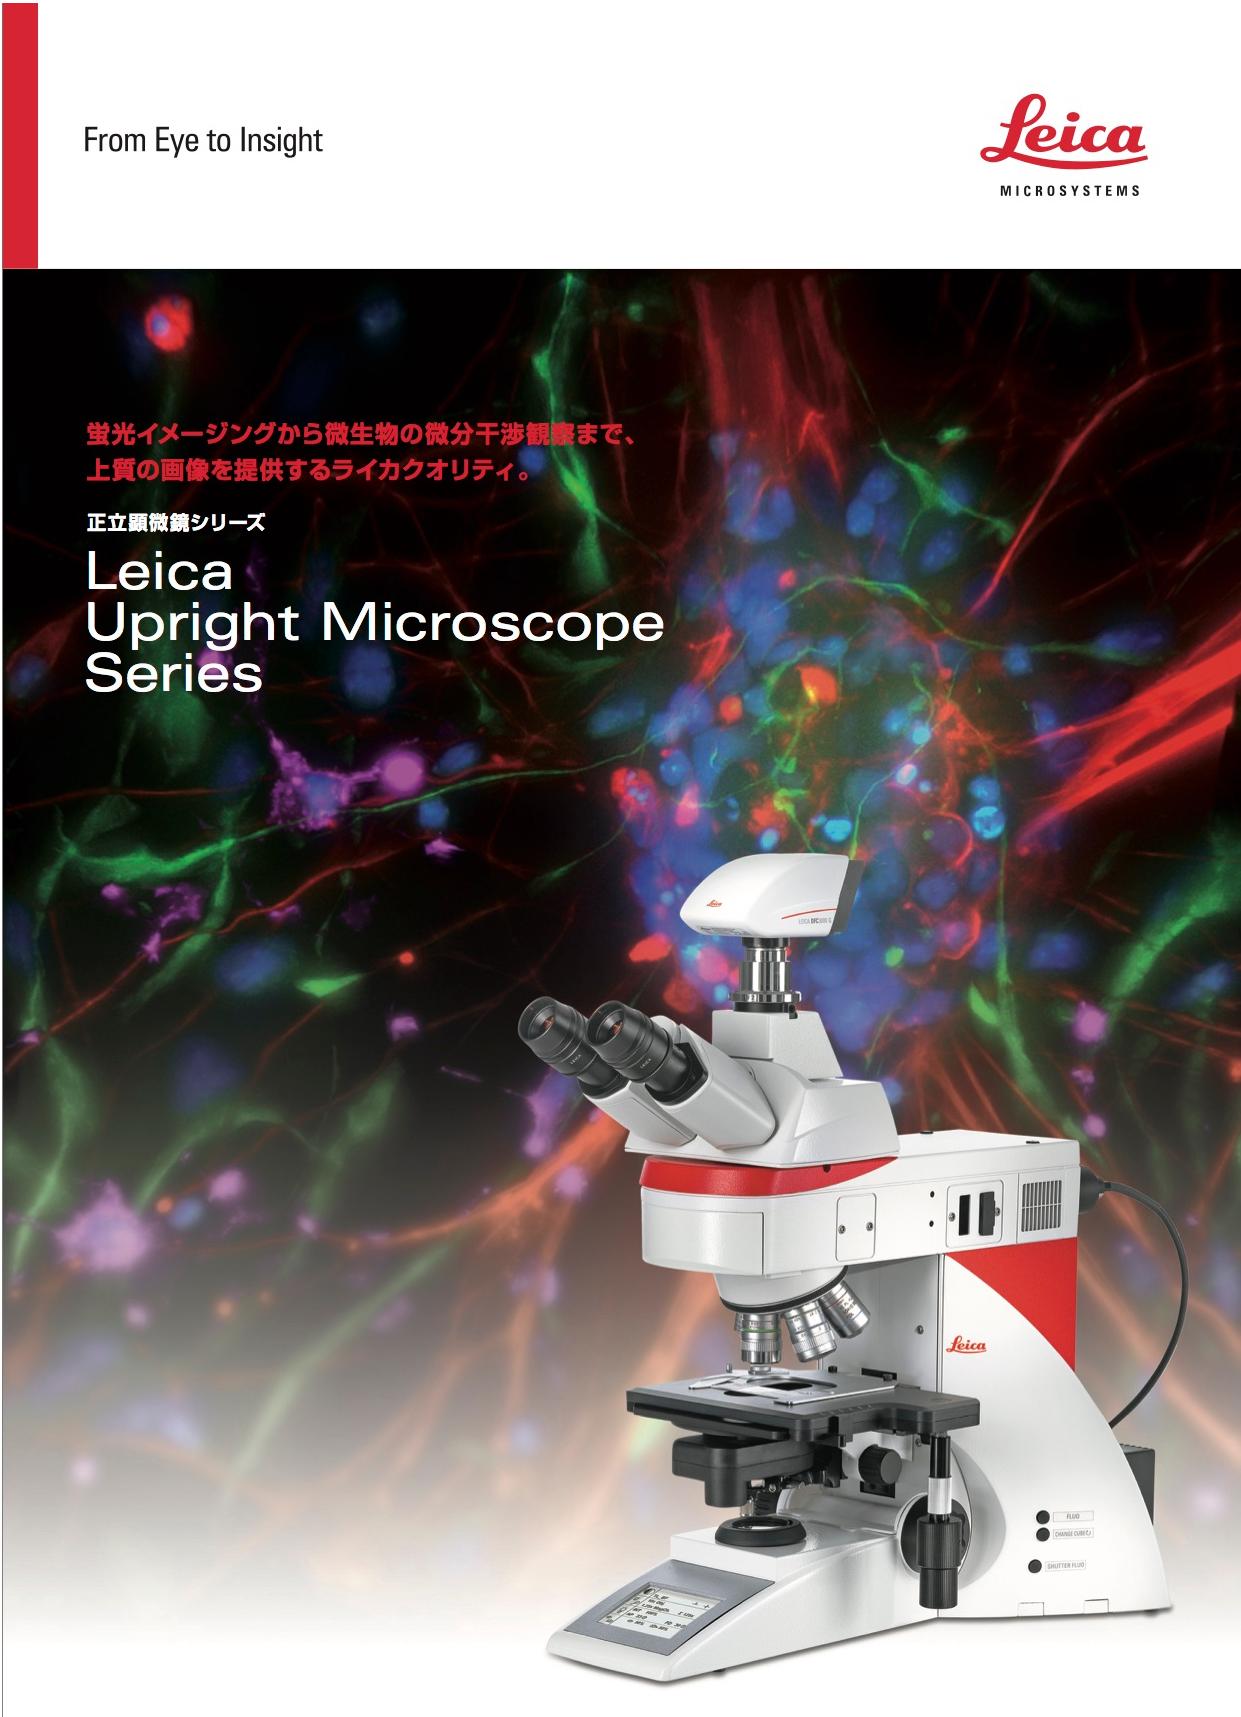 ダウンロード/生物用 正立顕微鏡カタログ